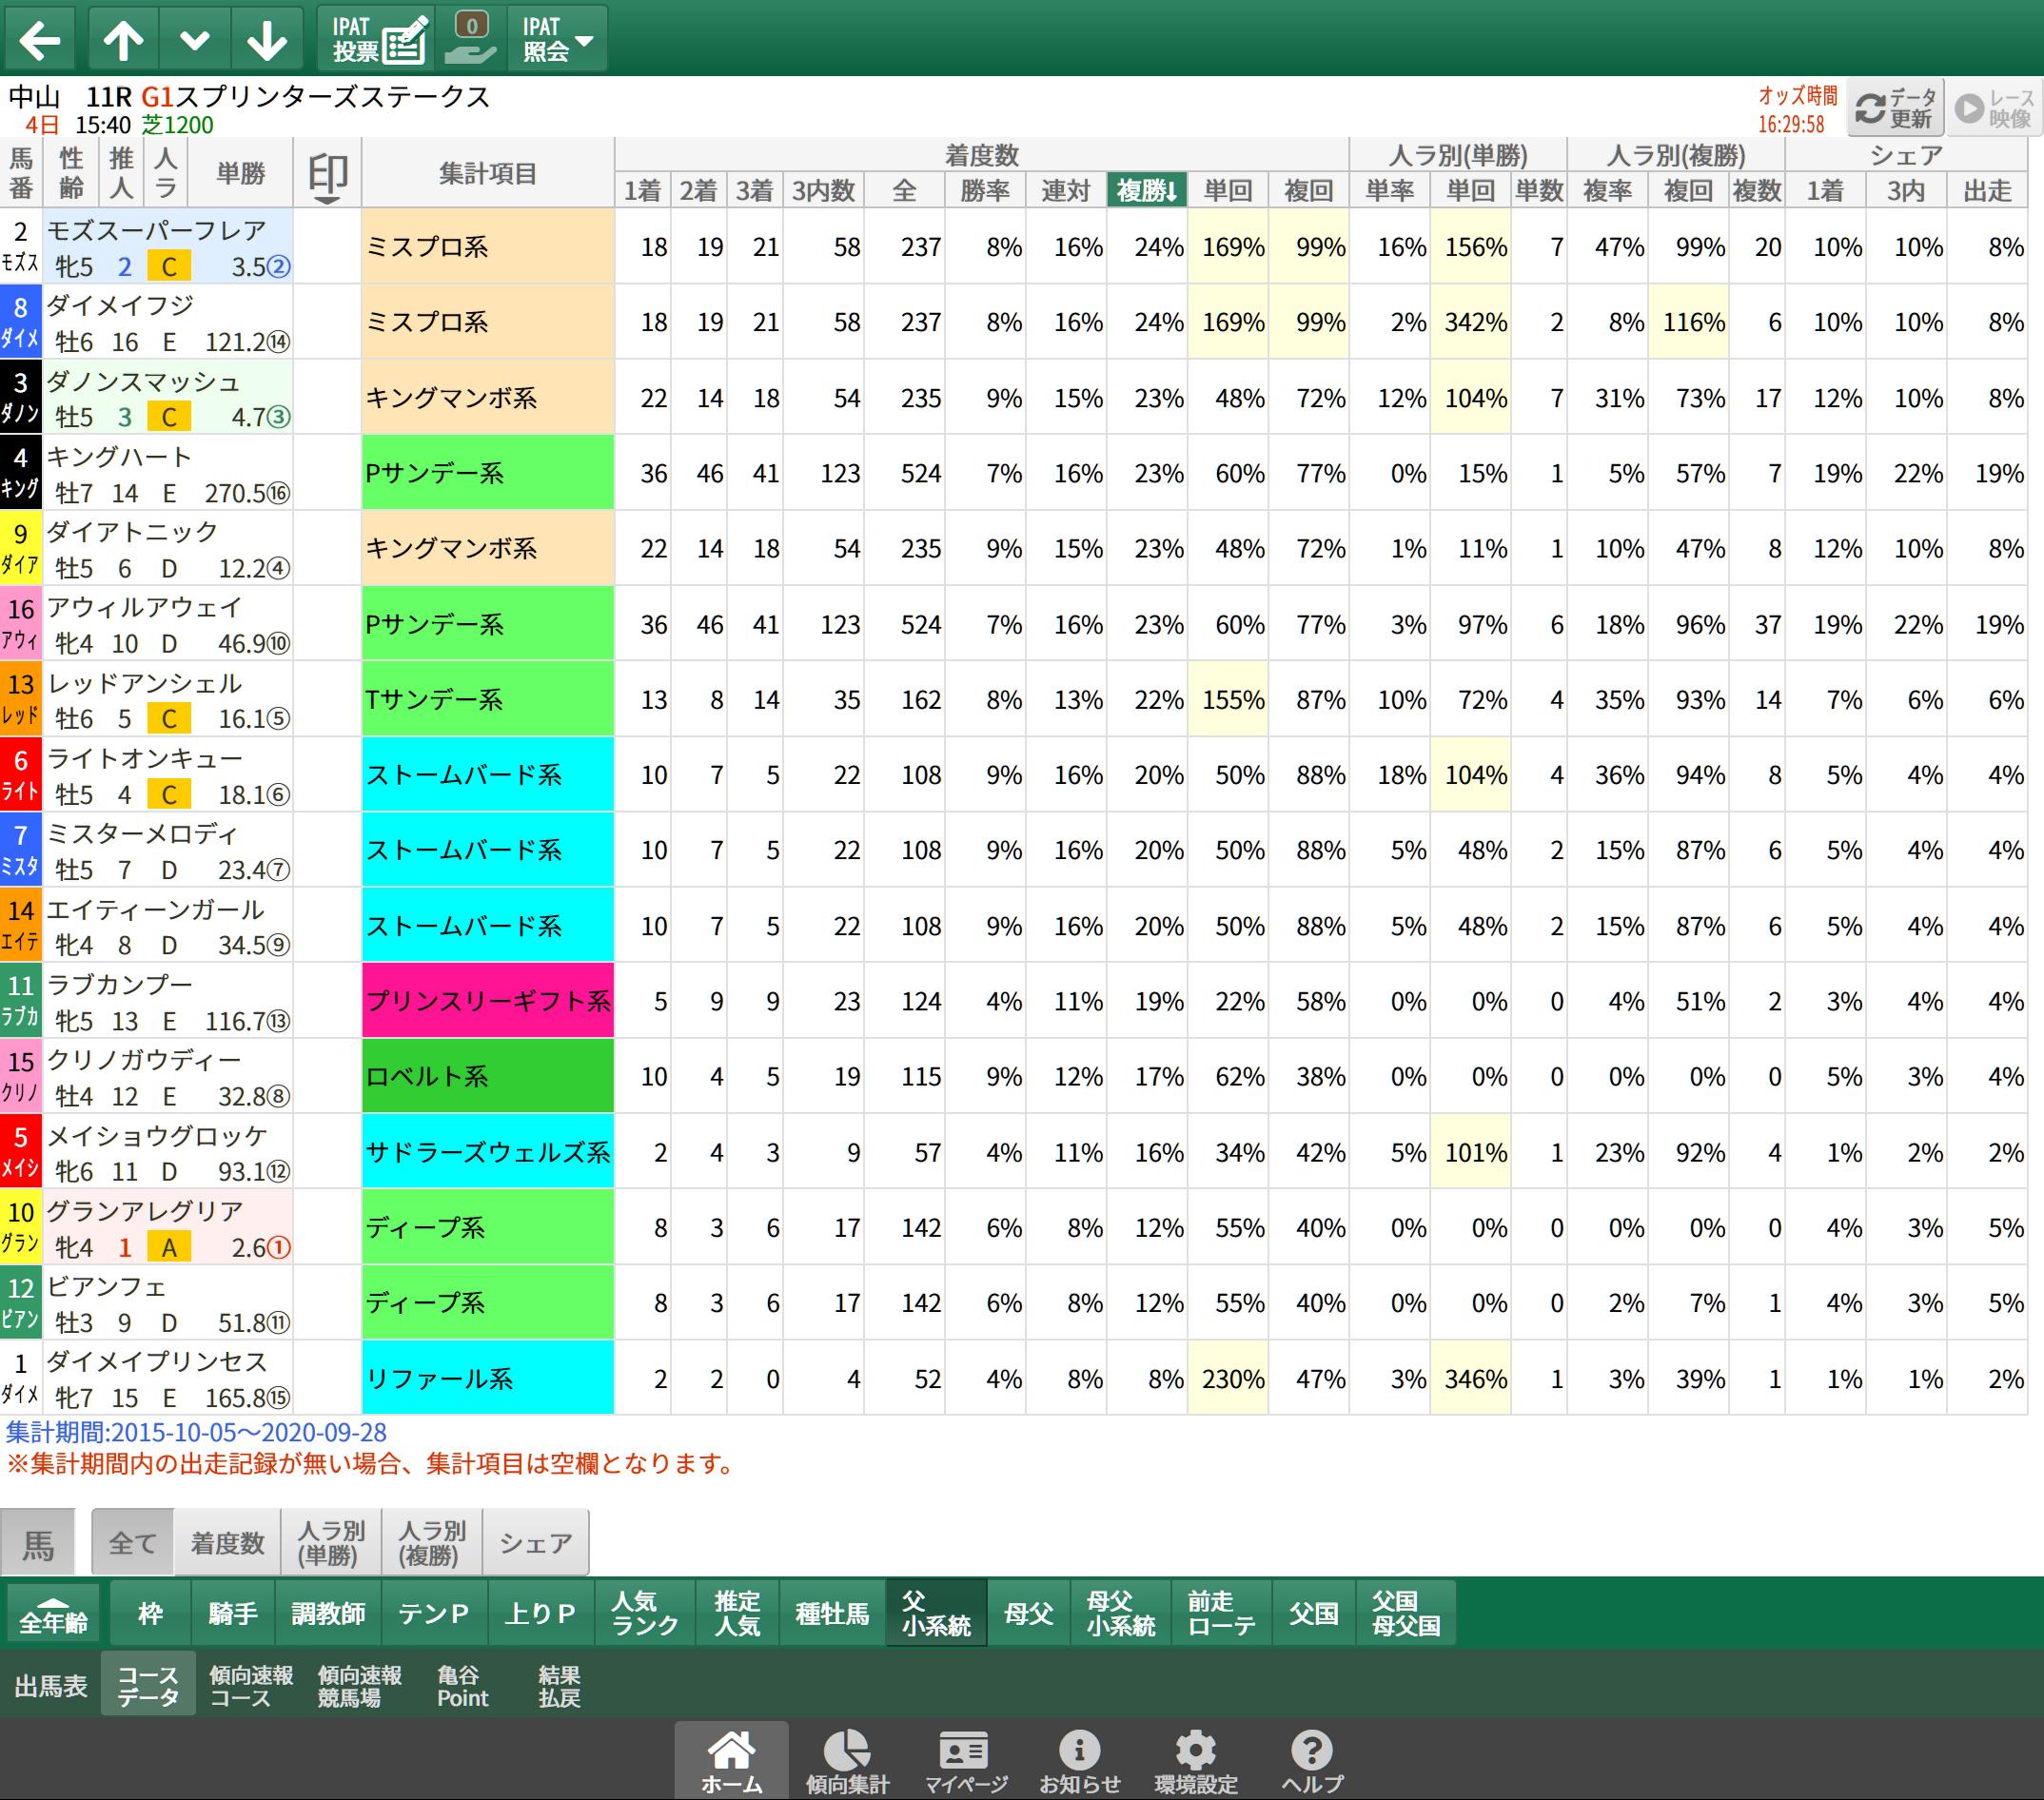 【無料公開】スプリンターズS / 亀谷サロン限定公開中のスマート出馬表・次期バージョン